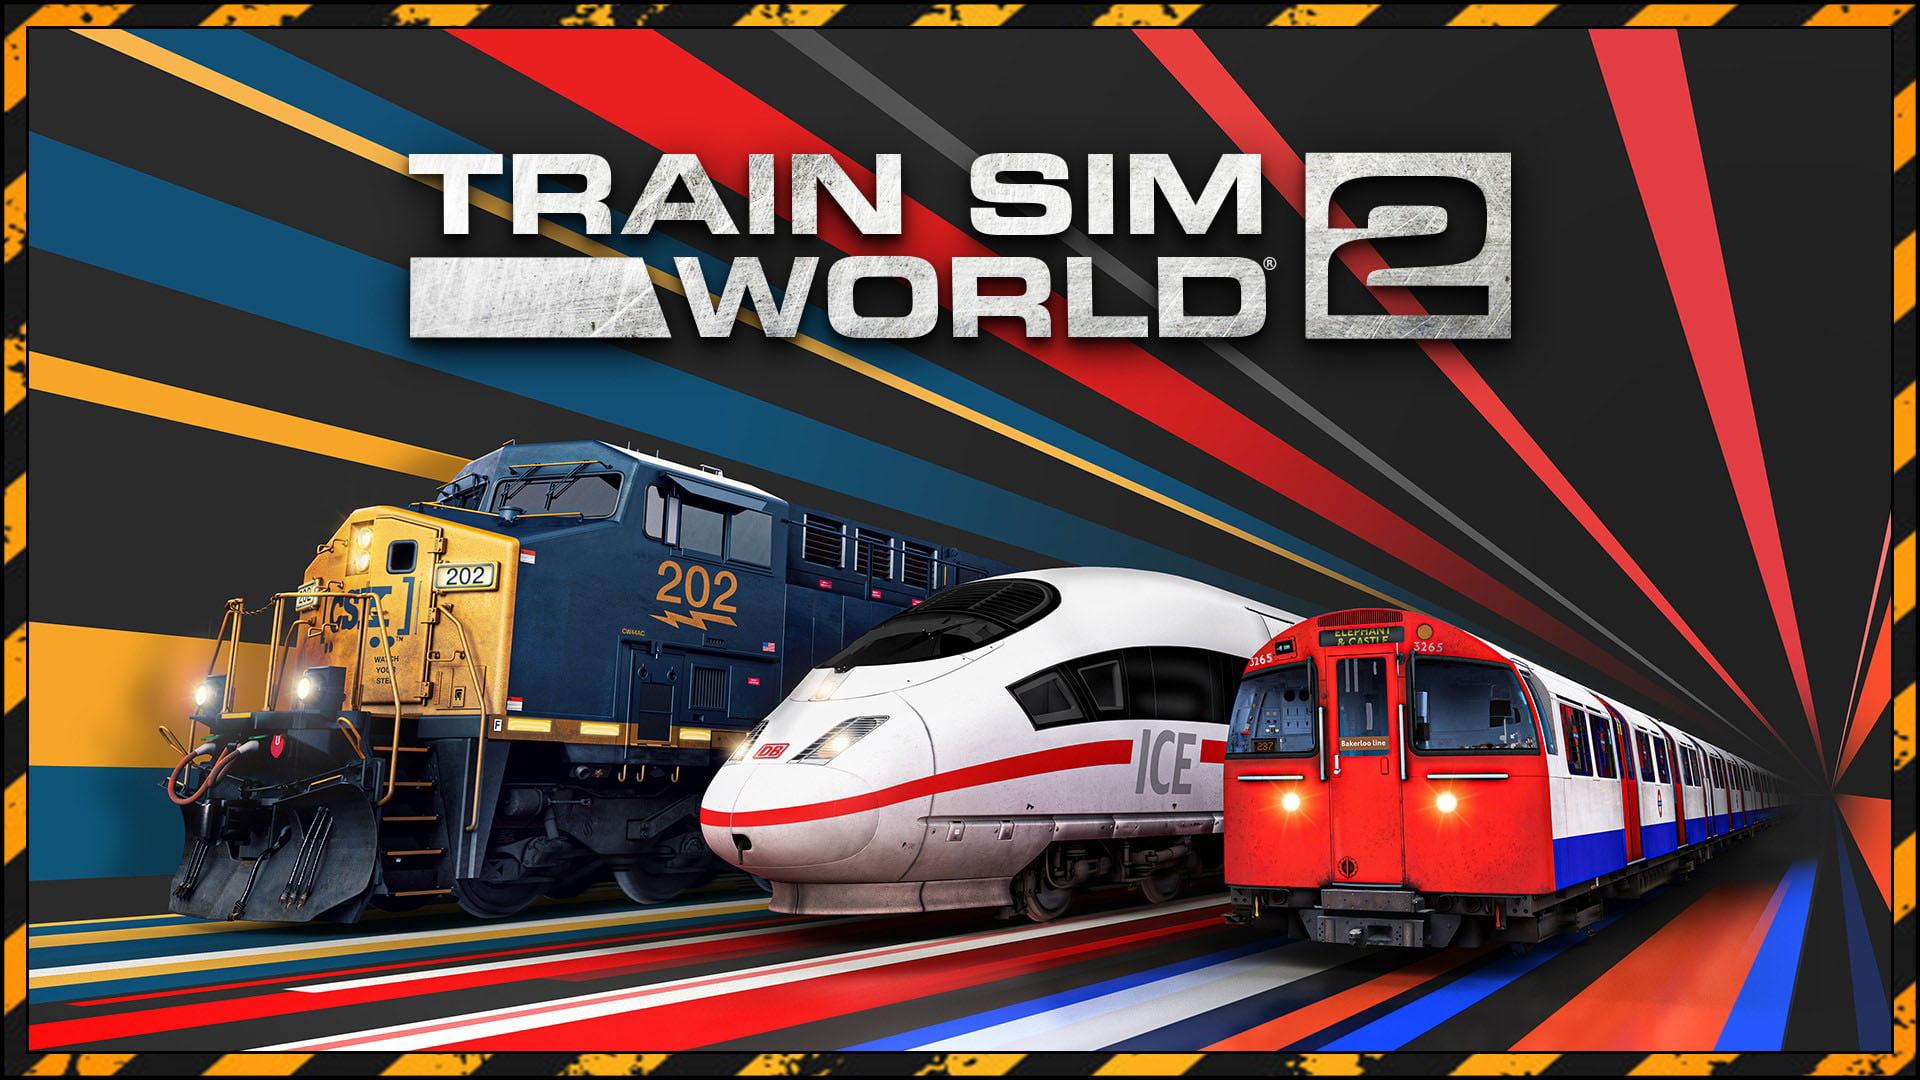 Train Sim World 2 Announcement Fi3